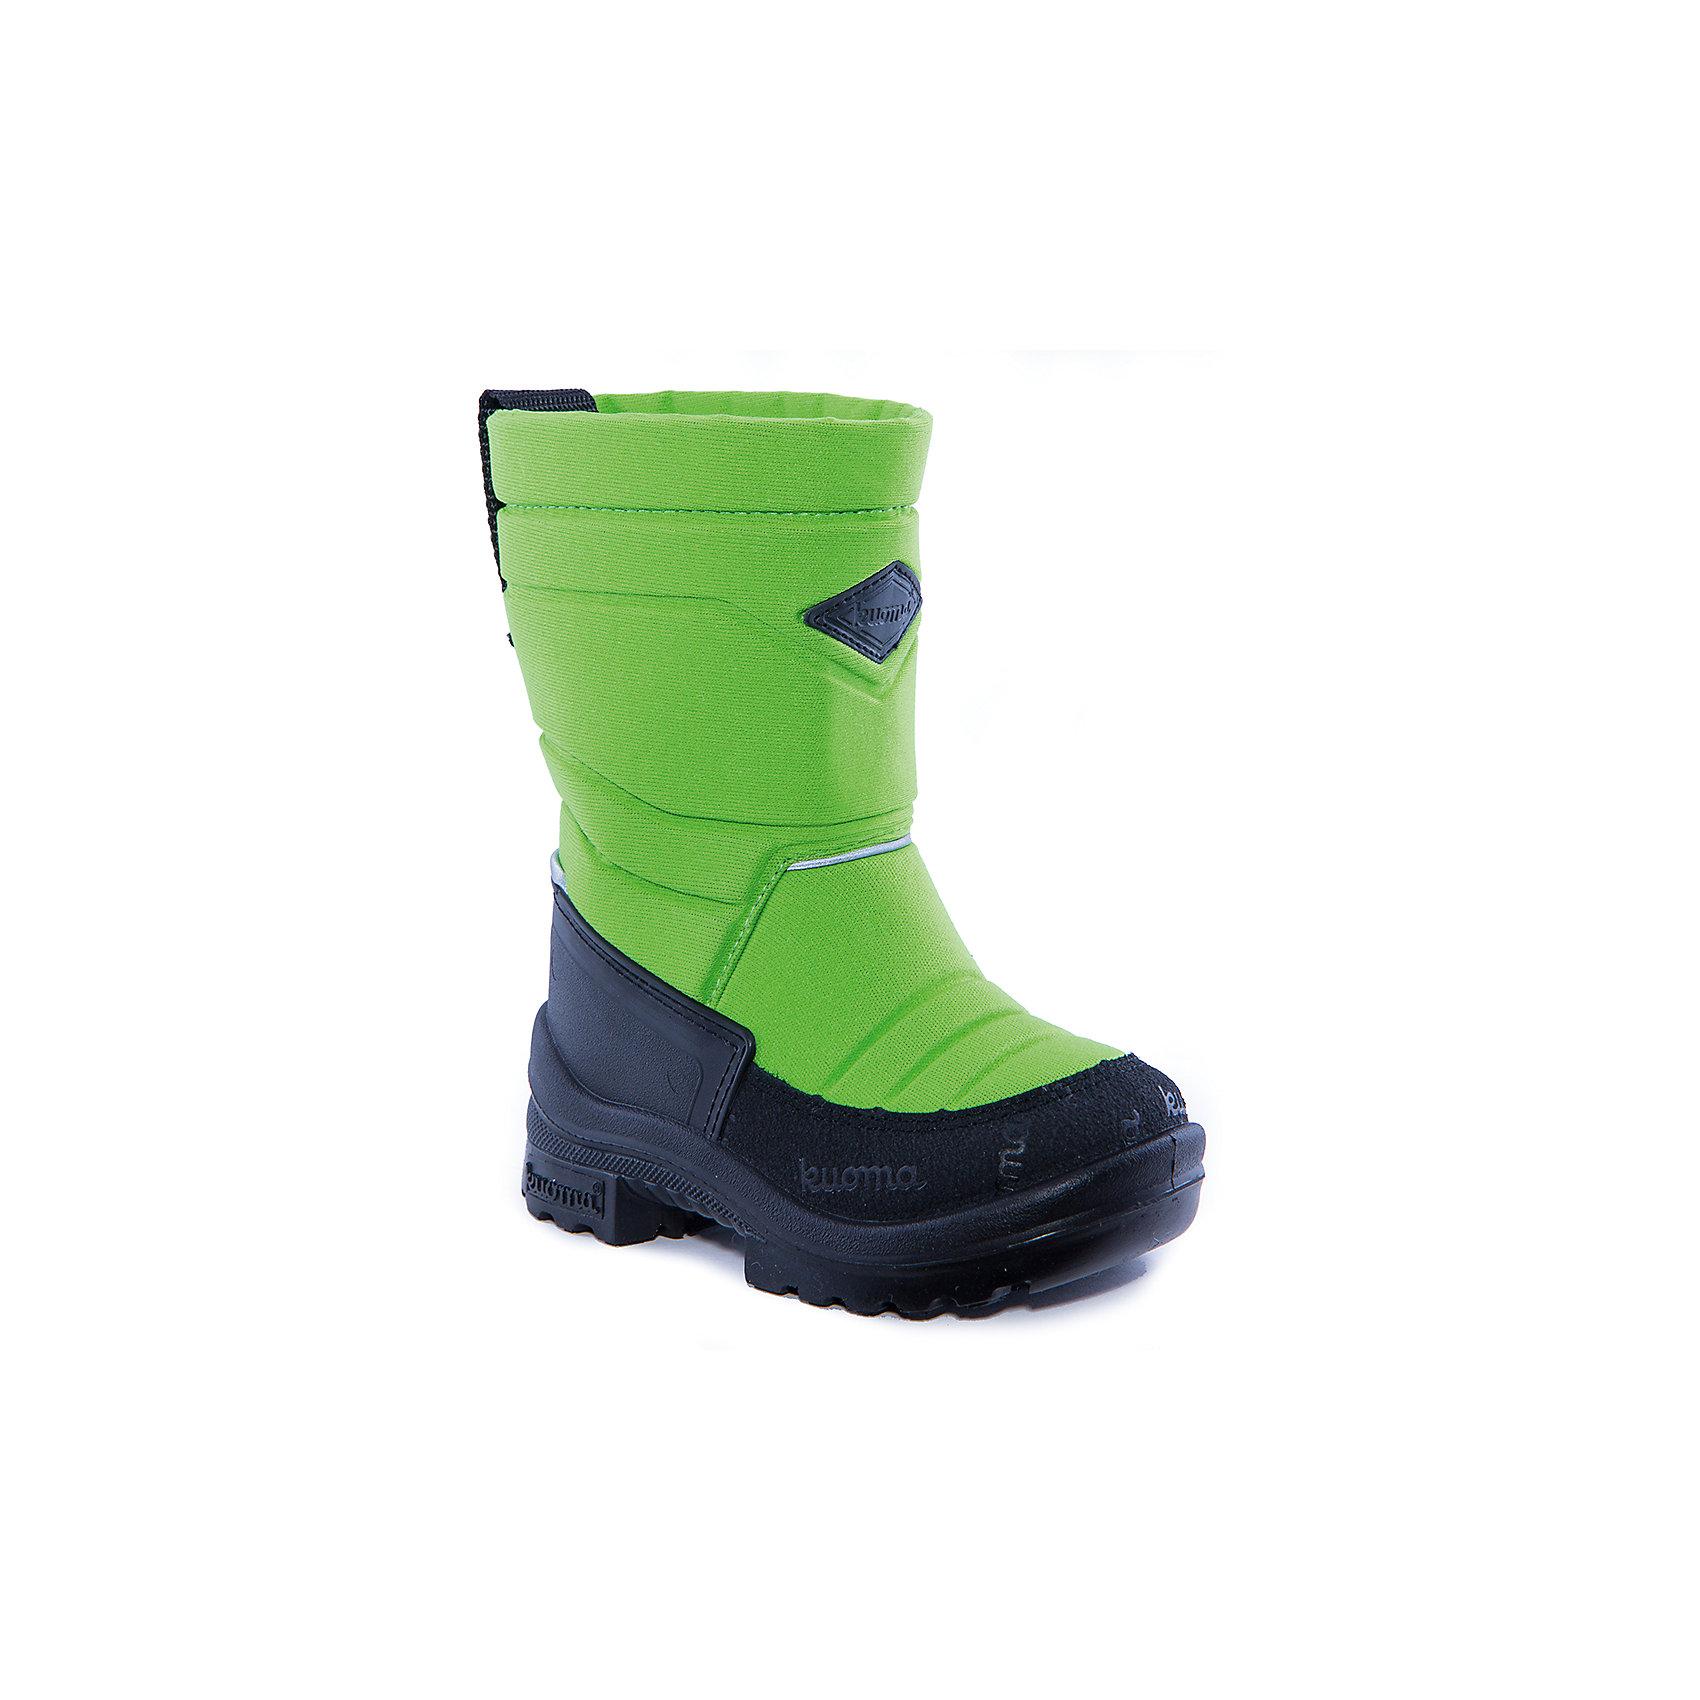 Зимние сапоги для мальчика KUOMAЗимние сапоги PUTKIVARSI от известного финского бренда kuoma® (Куома) исключительно теплые и очень удобные. Все изделия имеют крепкую амортизирующую подошву, которая «работает» даже в холодных зимних условиях. Кроме того, обувь снабжена сменными стельками и светоотражающими полосками в целях повышения безопасности. Матерчатый верх обуви проходят специальную противогрязевую и влагоотталкивающую обработку. Обувь kuoma® (Куома) подходит даже для самых холодных зим.     <br><br>Температурный режим: от - 5°C до - 30°C.<br><br>Состав:<br>Верх - триплированный, износостойкий, влагостойкий материал, стелька - иск/войлок, подошва - износостойкая, гибкая из полиуритана.Состав: <br>Материал верха: Полиамид с пропиткой.<br><br>Ширина мм: 257<br>Глубина мм: 180<br>Высота мм: 130<br>Вес г: 420<br>Цвет: зеленый<br>Возраст от месяцев: 15<br>Возраст до месяцев: 18<br>Пол: Мужской<br>Возраст: Детский<br>Размер: 22,25,26<br>SKU: 4320423